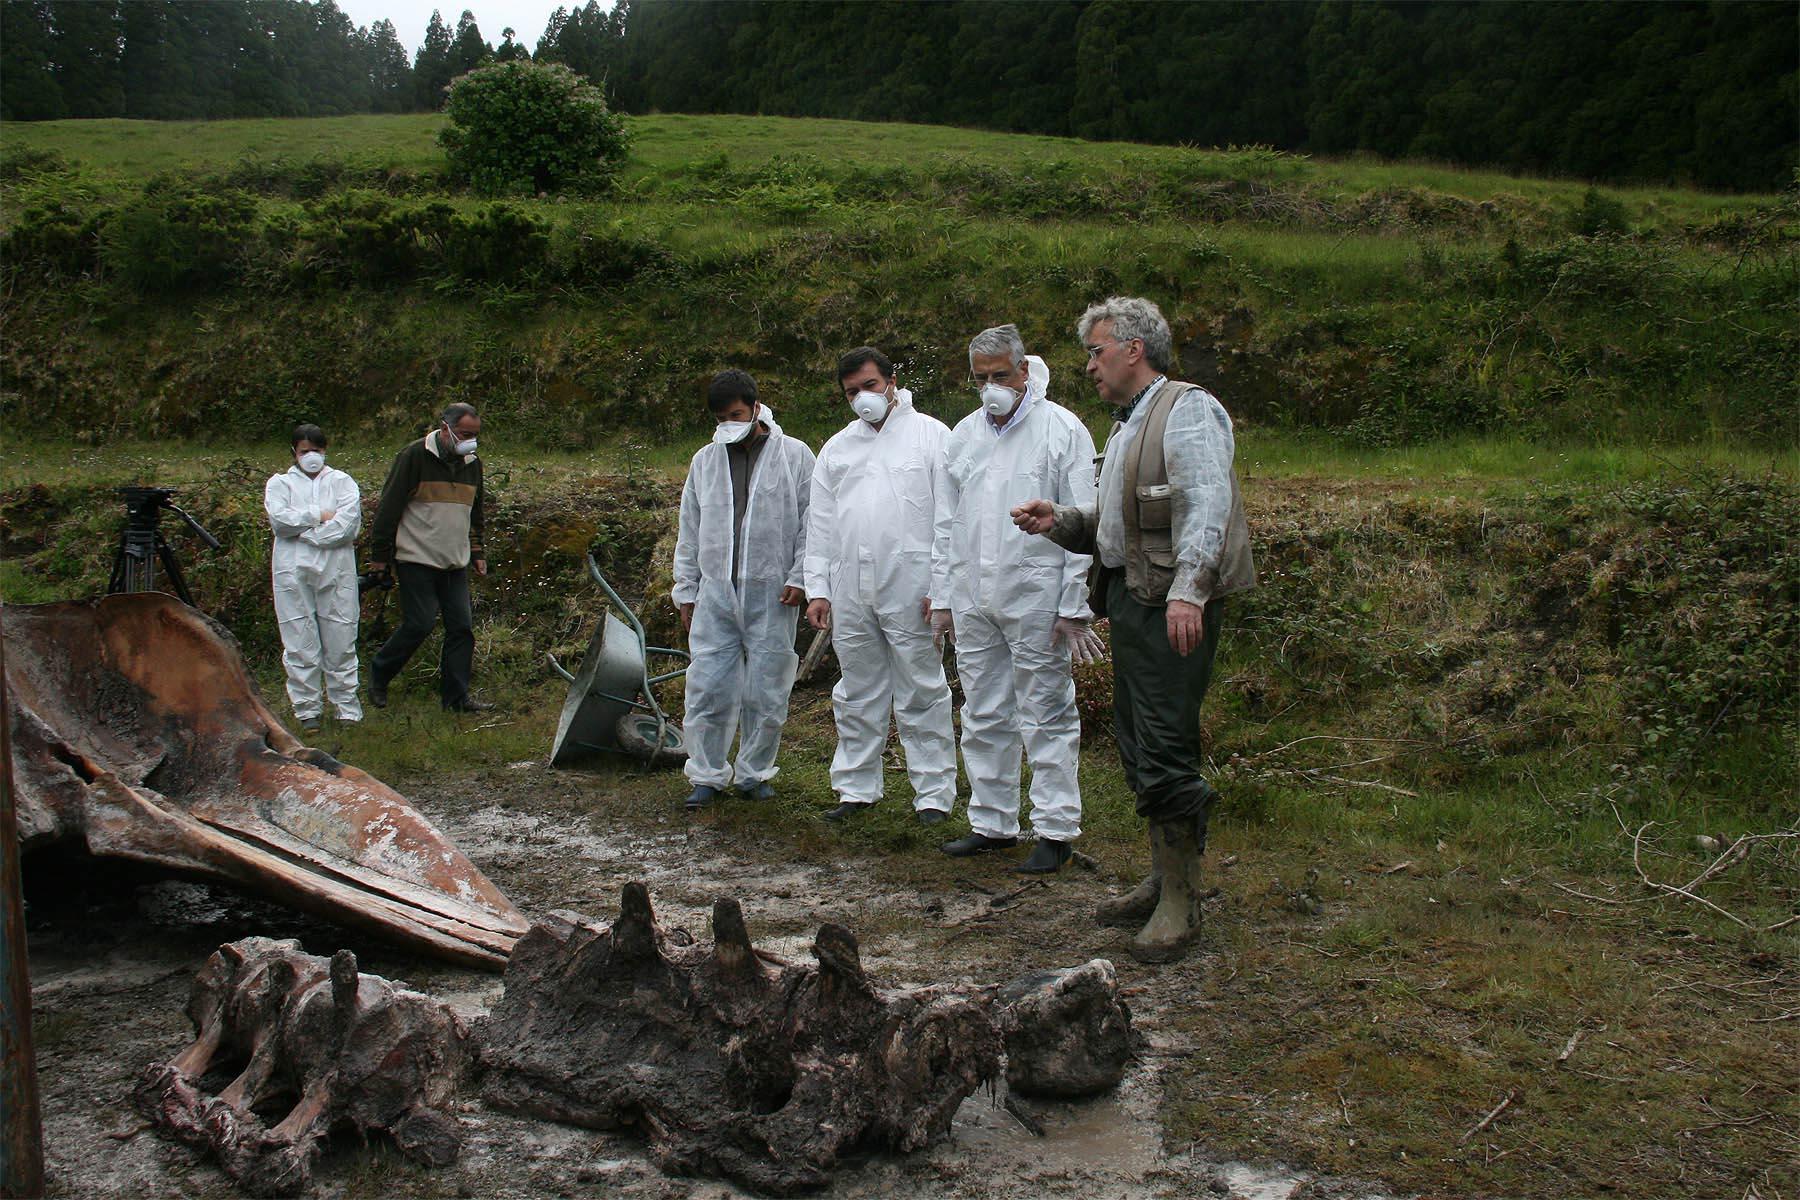 Exumação de esqueleto de cachalote para exposição é projeto pioneiro nos Açores, afirma Neto Viveiros